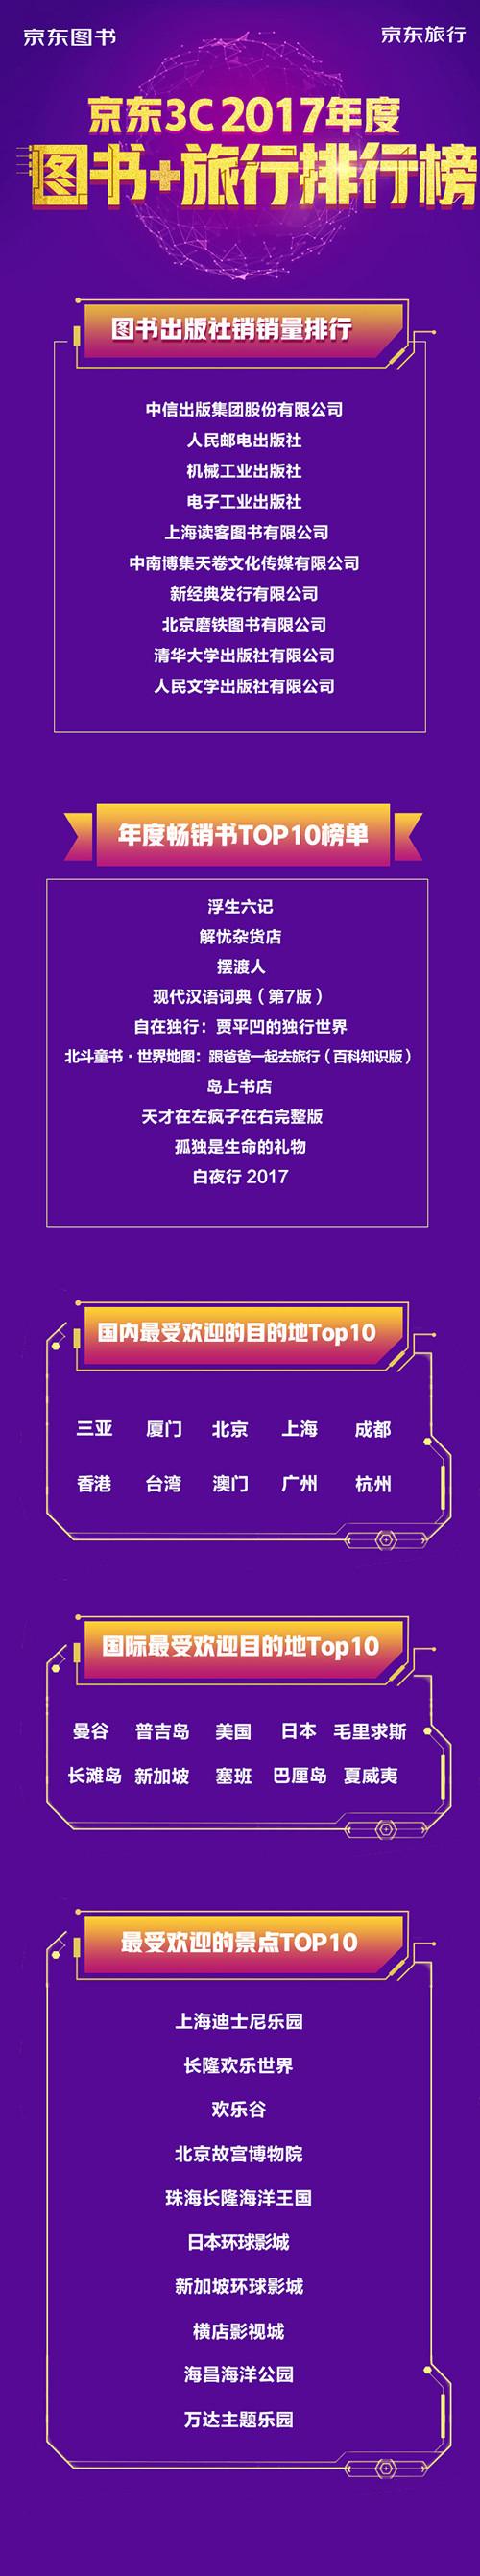 京东3C年度榜单揭晓 这些今年受热捧